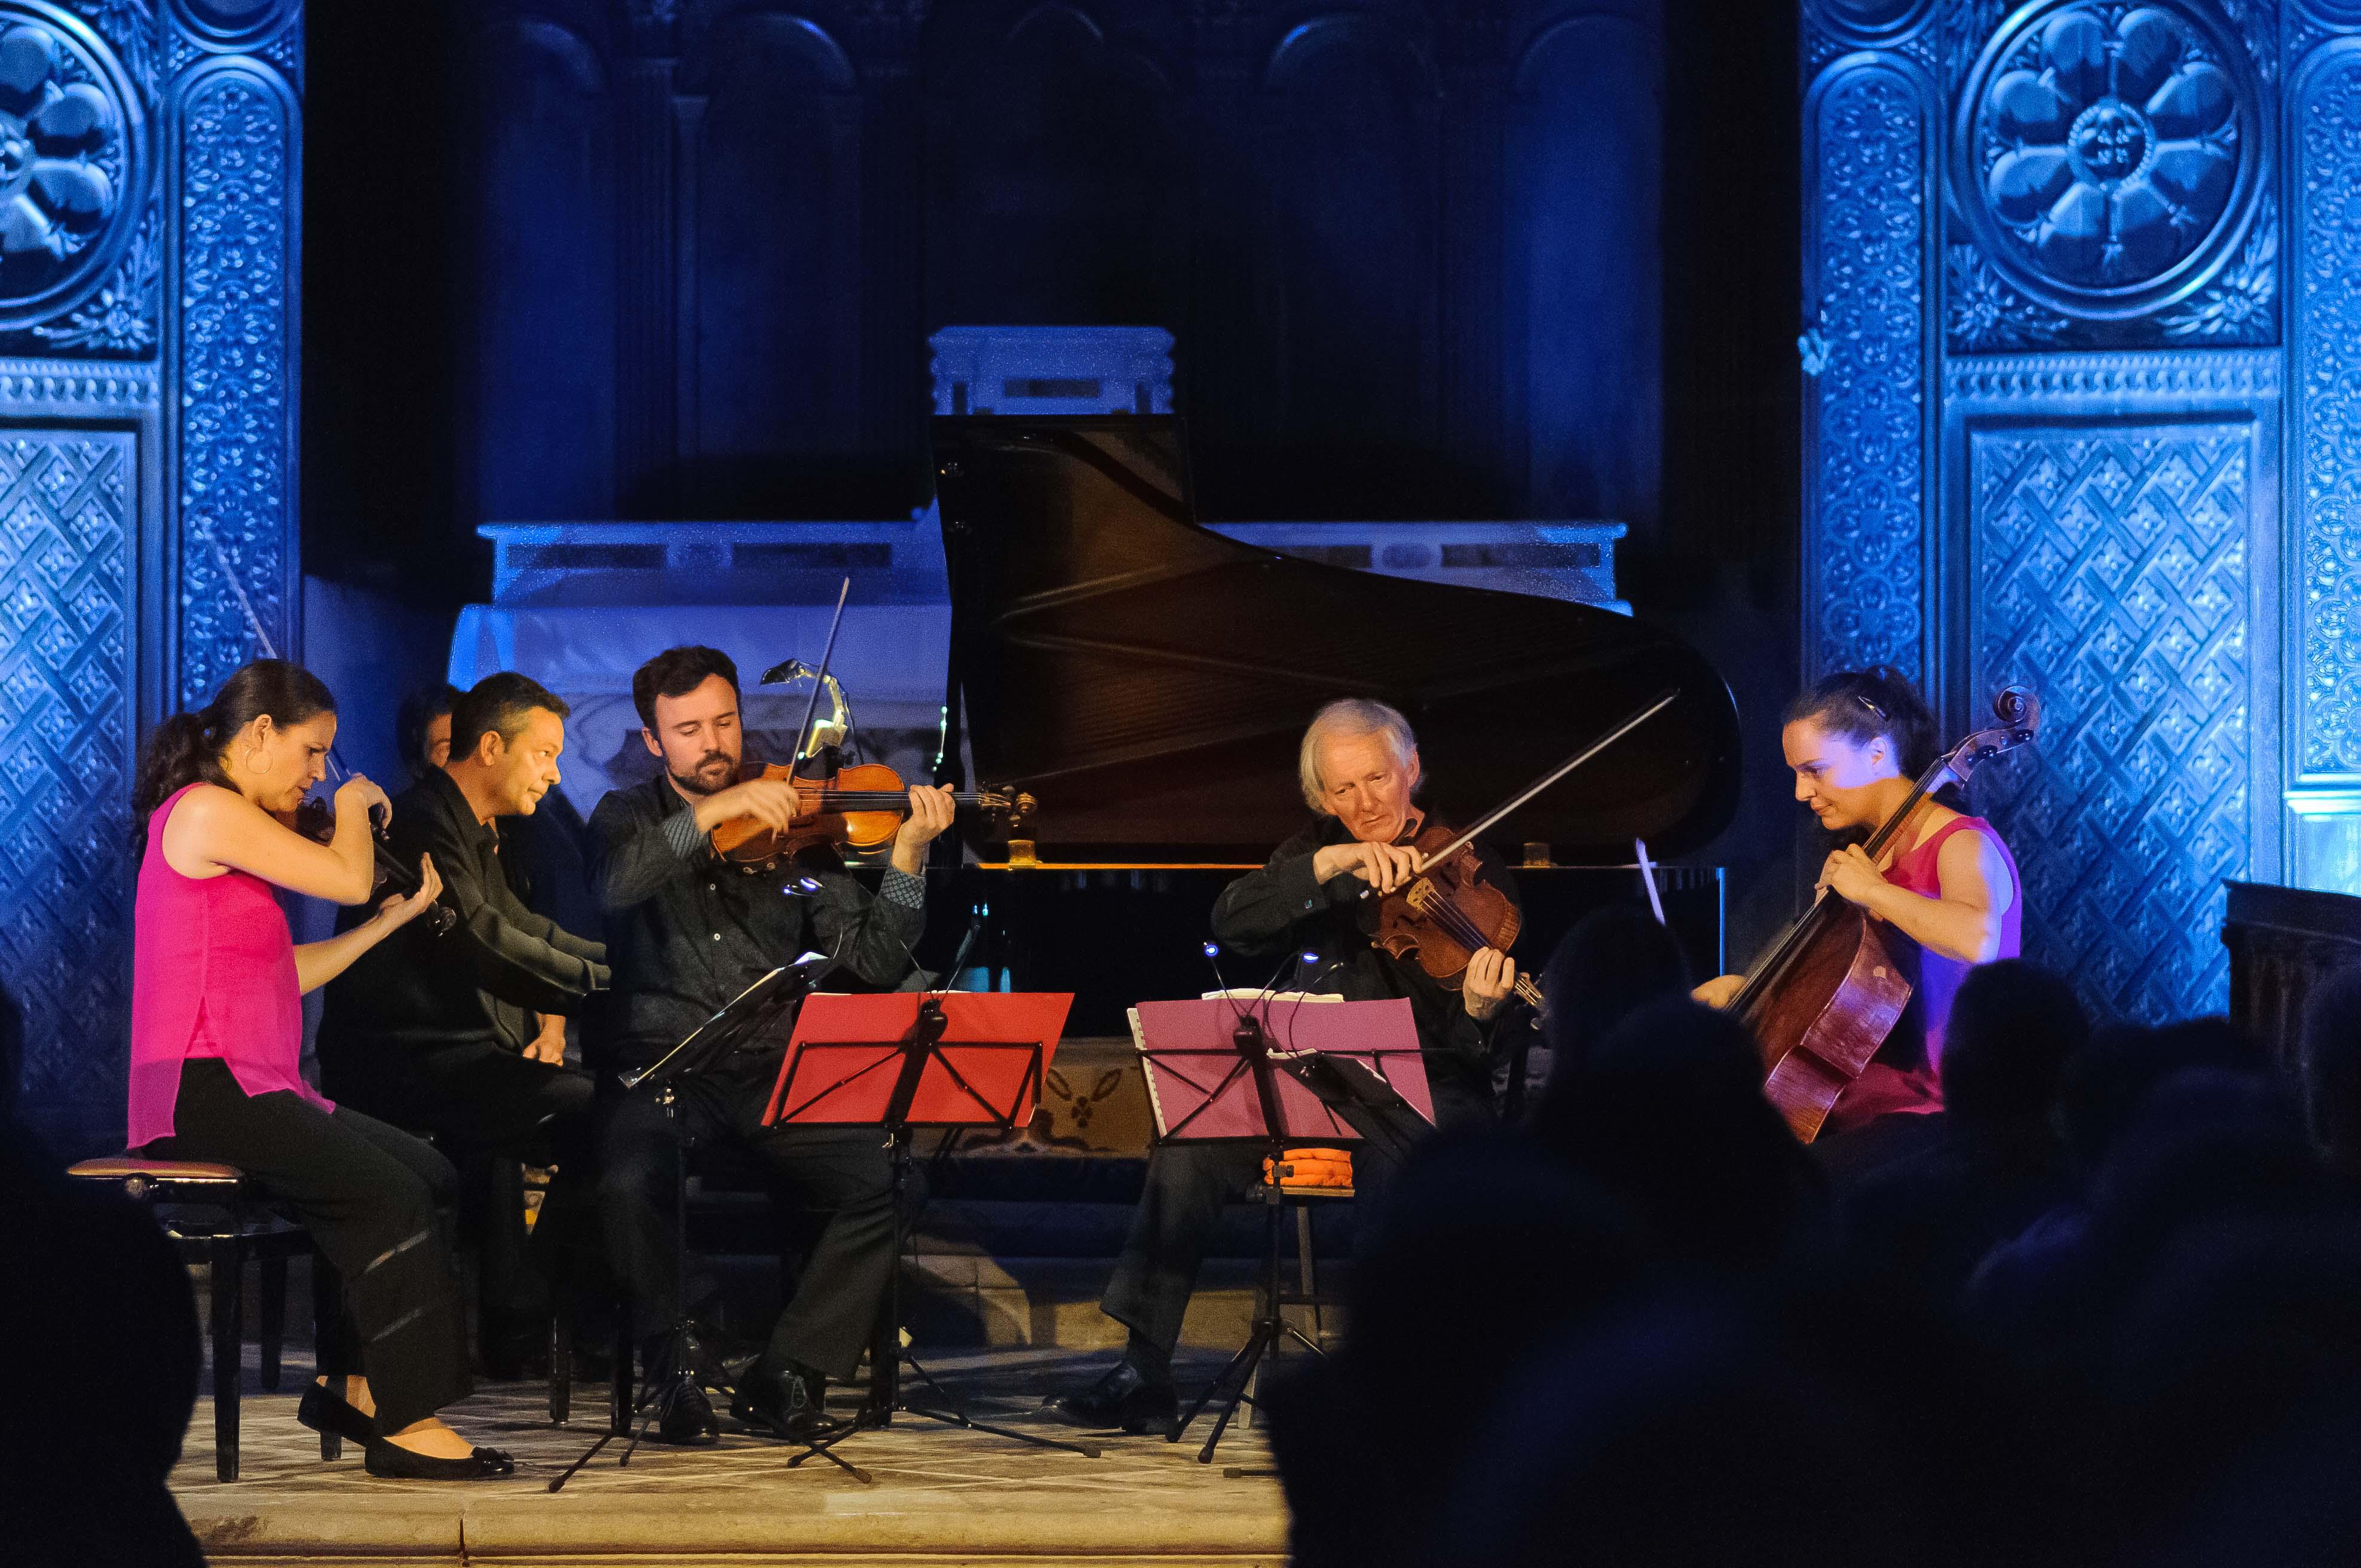 Un sublime quintette de Brahms avec le le pianiste Jean-Sébastien Dureau et le Quatuor Elias